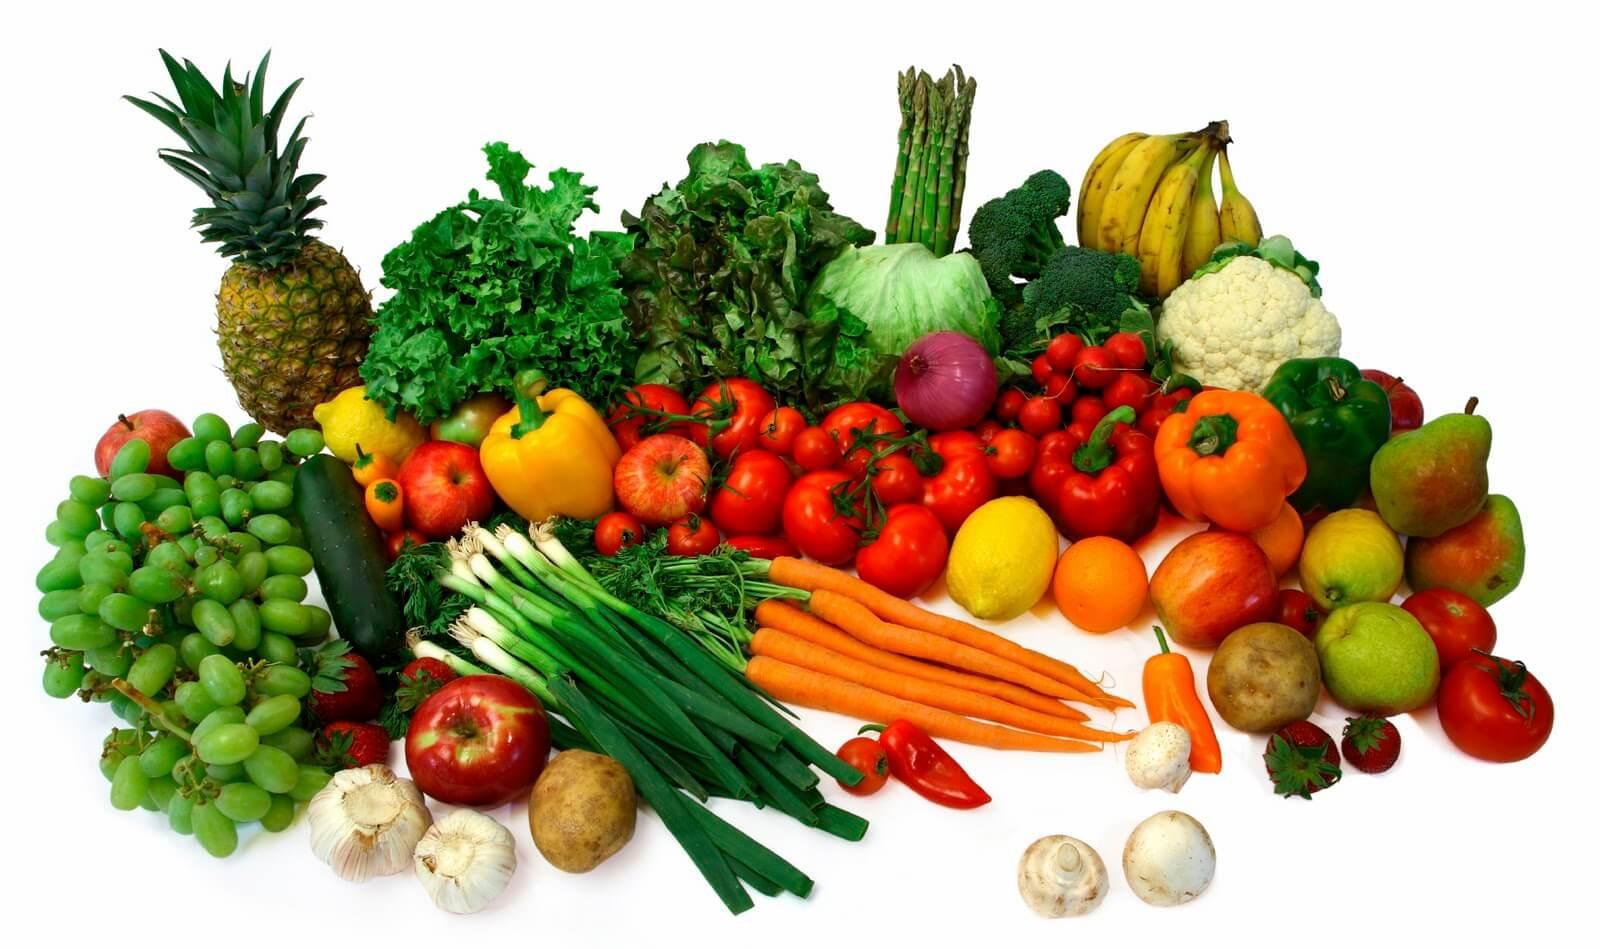 Organik Meyve ve Sebzelerin Faydaları Nedir